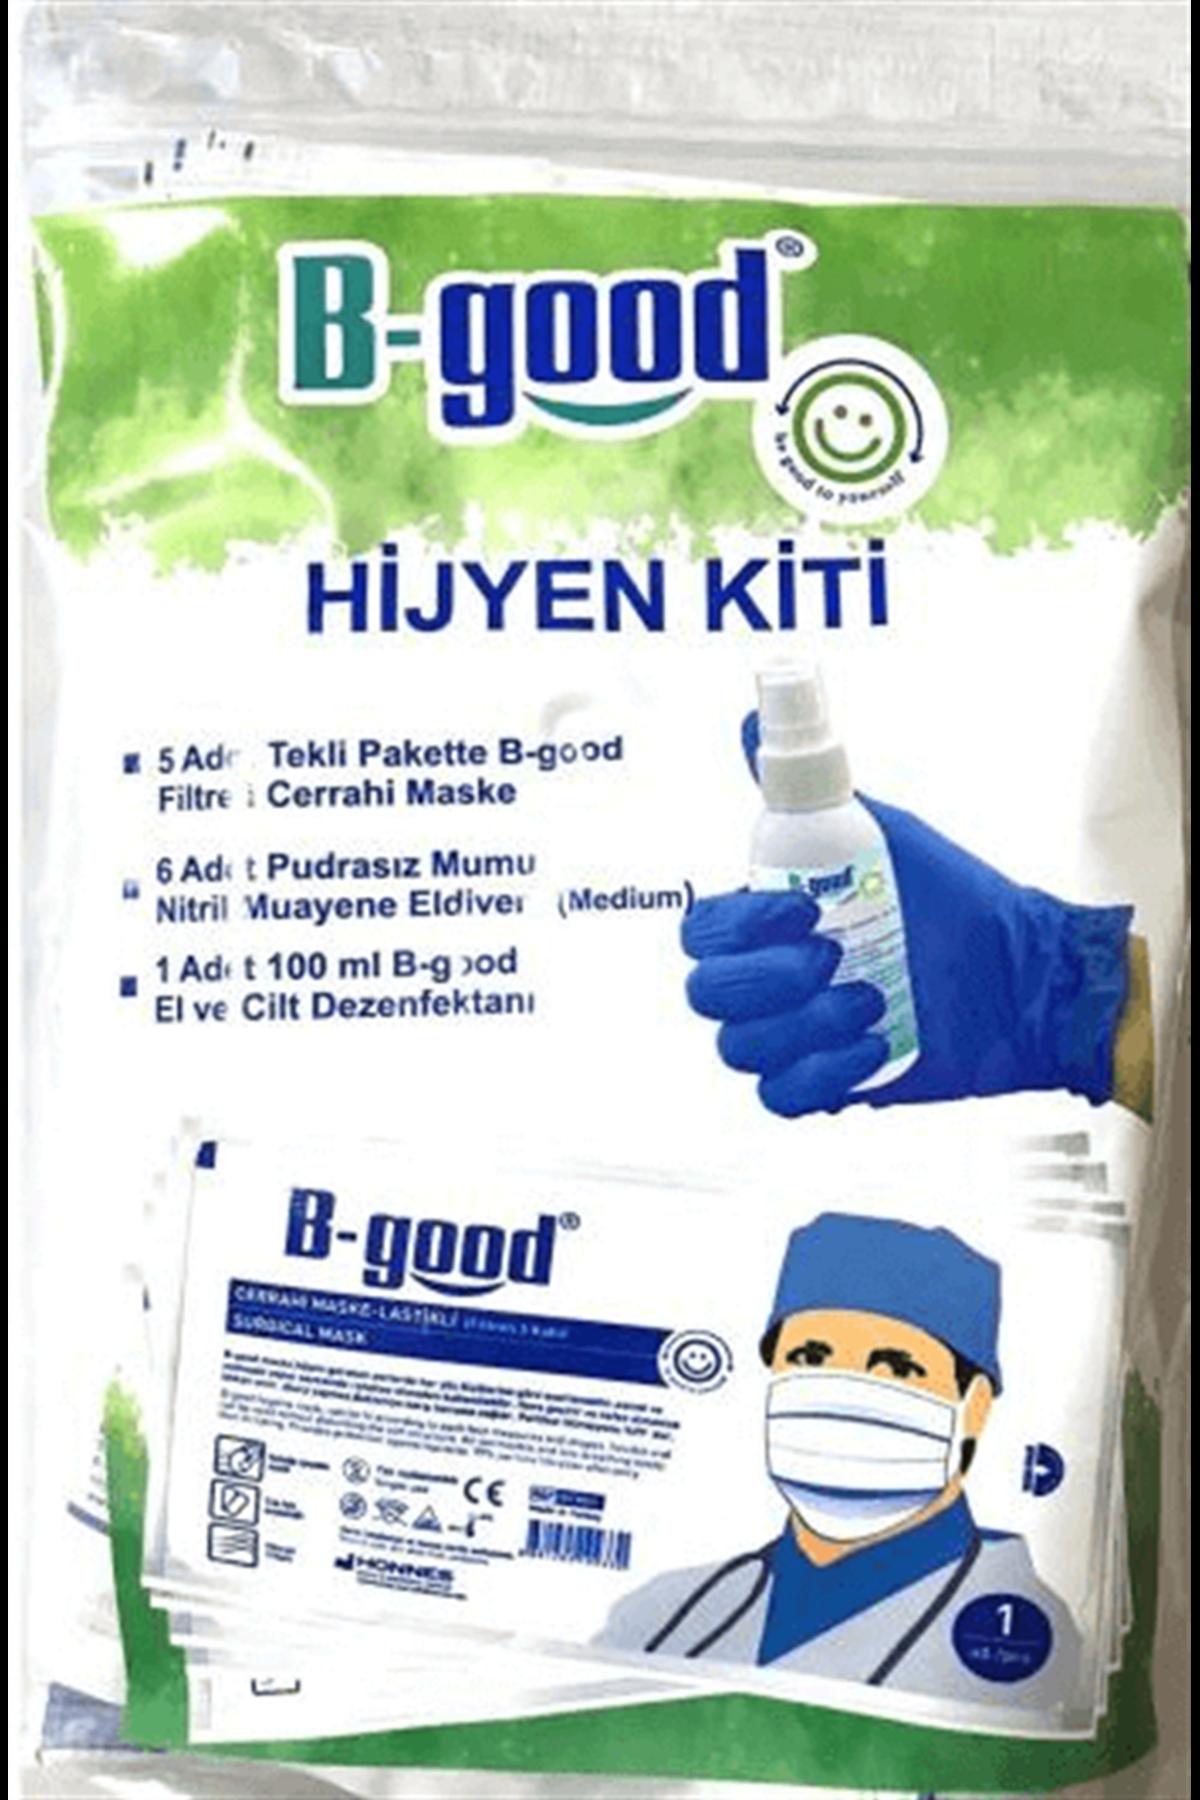 B-Good Hijyen Kiti - 5 Adet Maske - 6 Adet Pudrasız Mavi Nitril Eldiven Orta Boy - 100 ml Dezenfektan